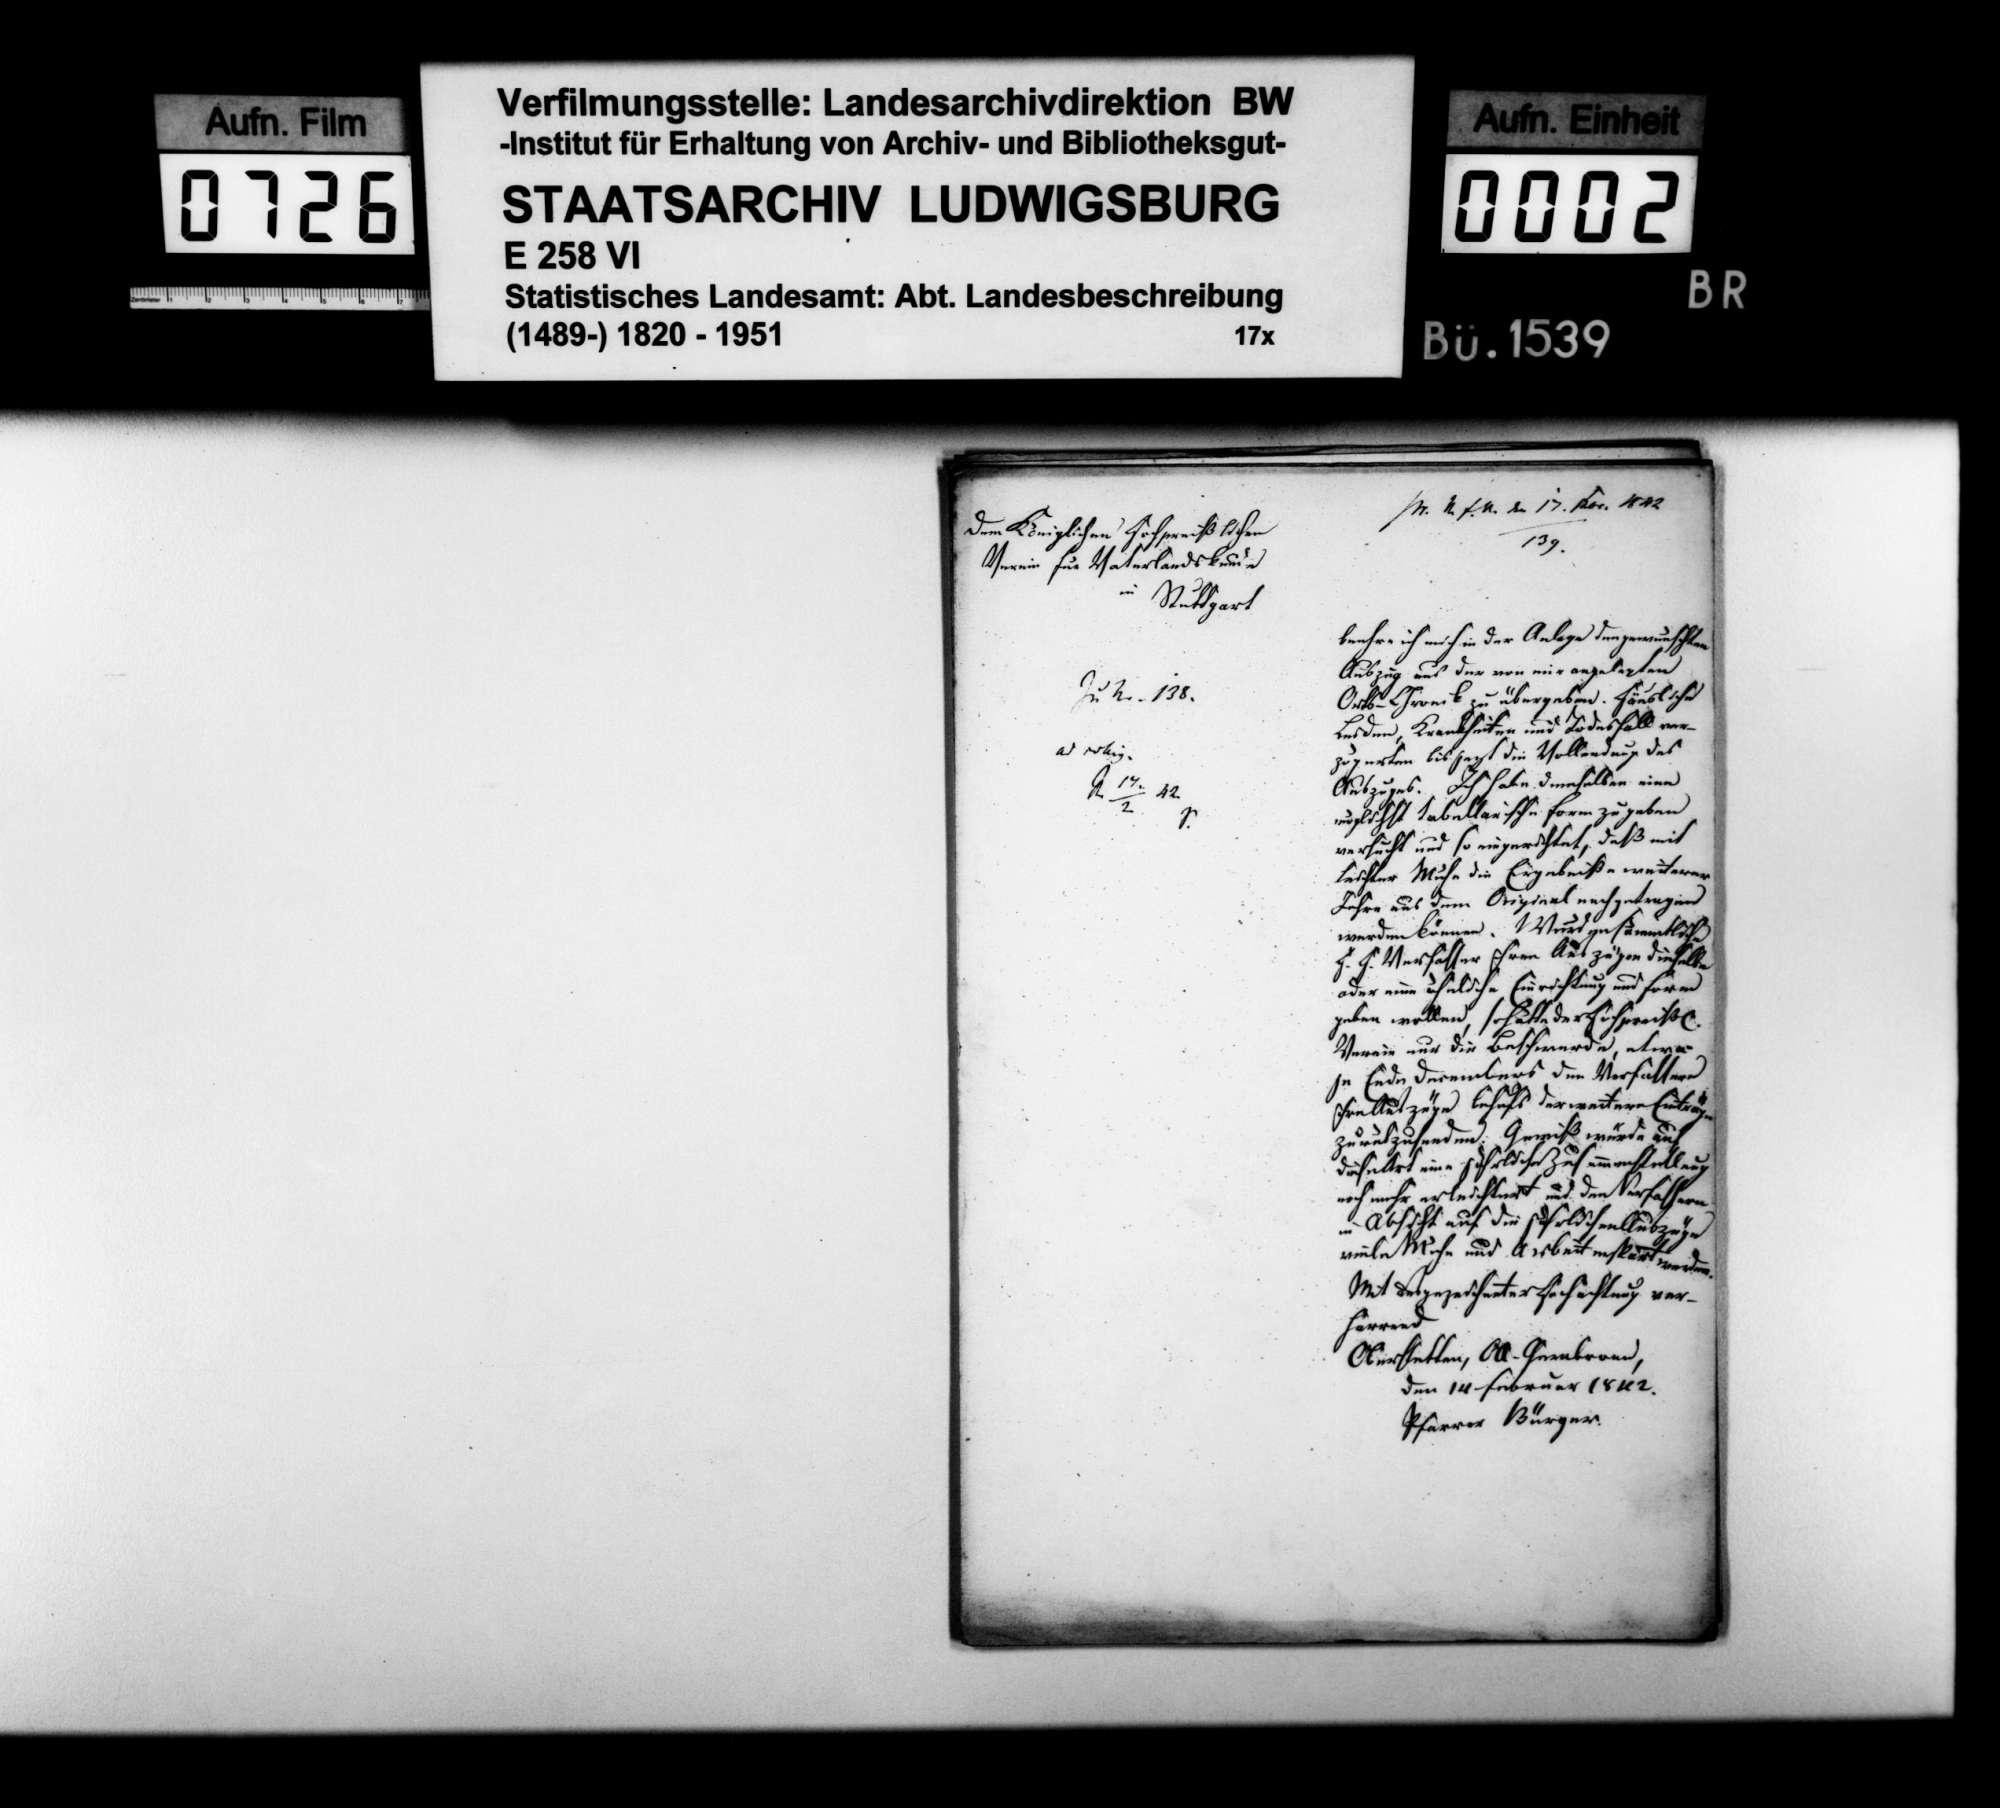 Auszüge aus der Ortschronik von Niederstetten für die Jahre 1841/42/43, von Pfarrer Bürger aus Oberstetten, Bild 1